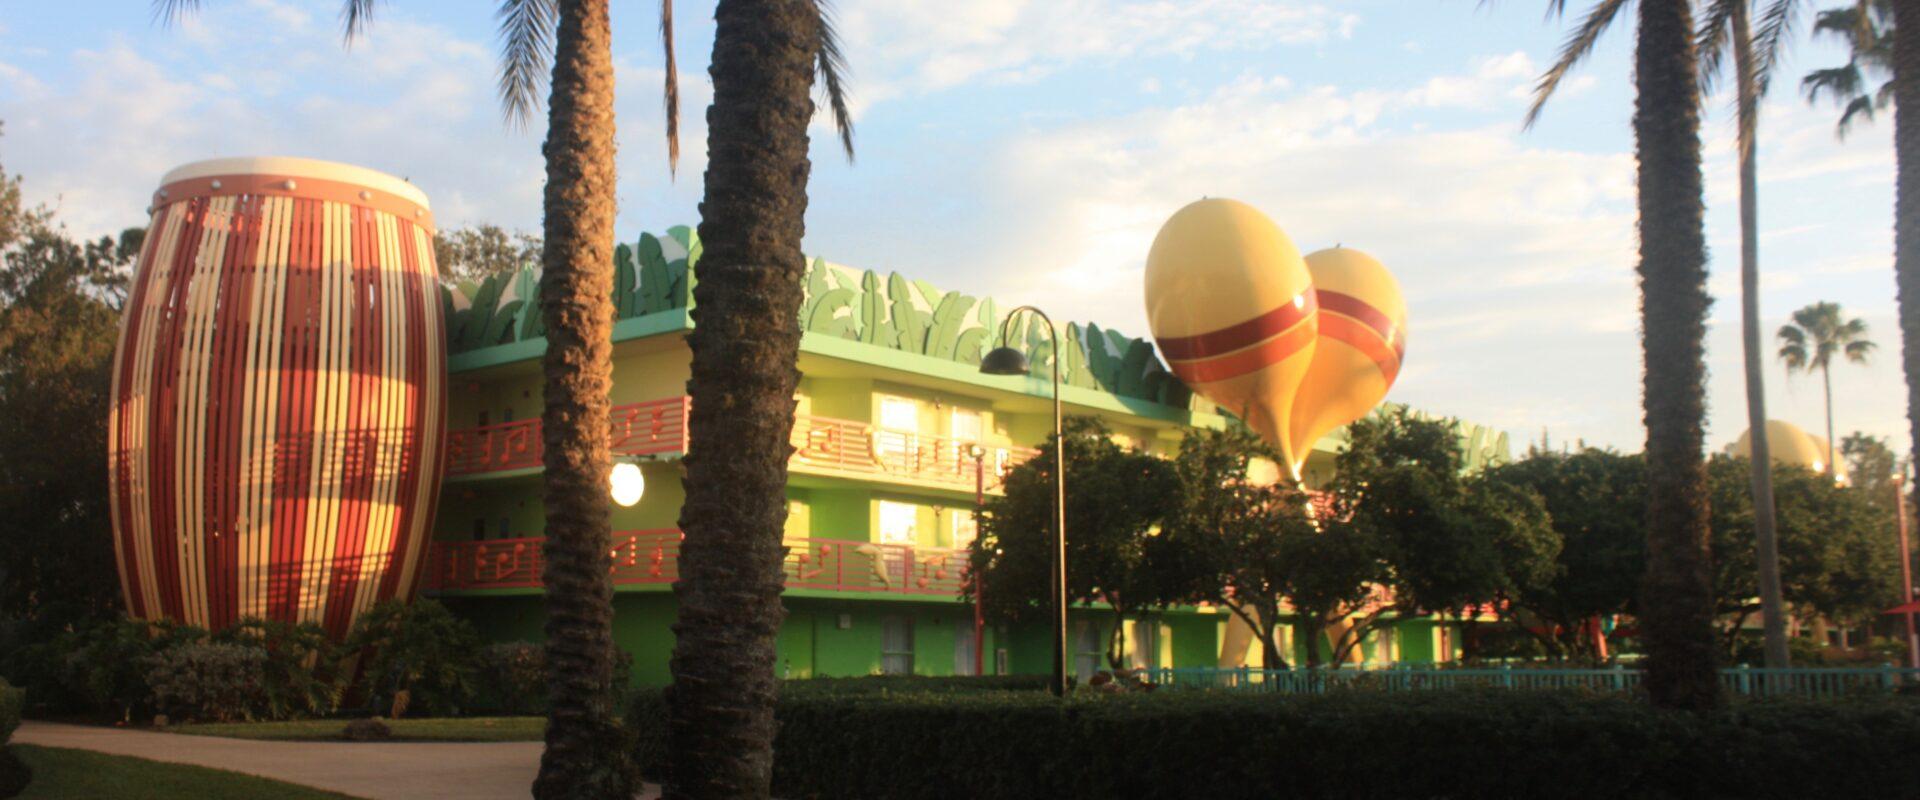 Disneys All Star Music Resort